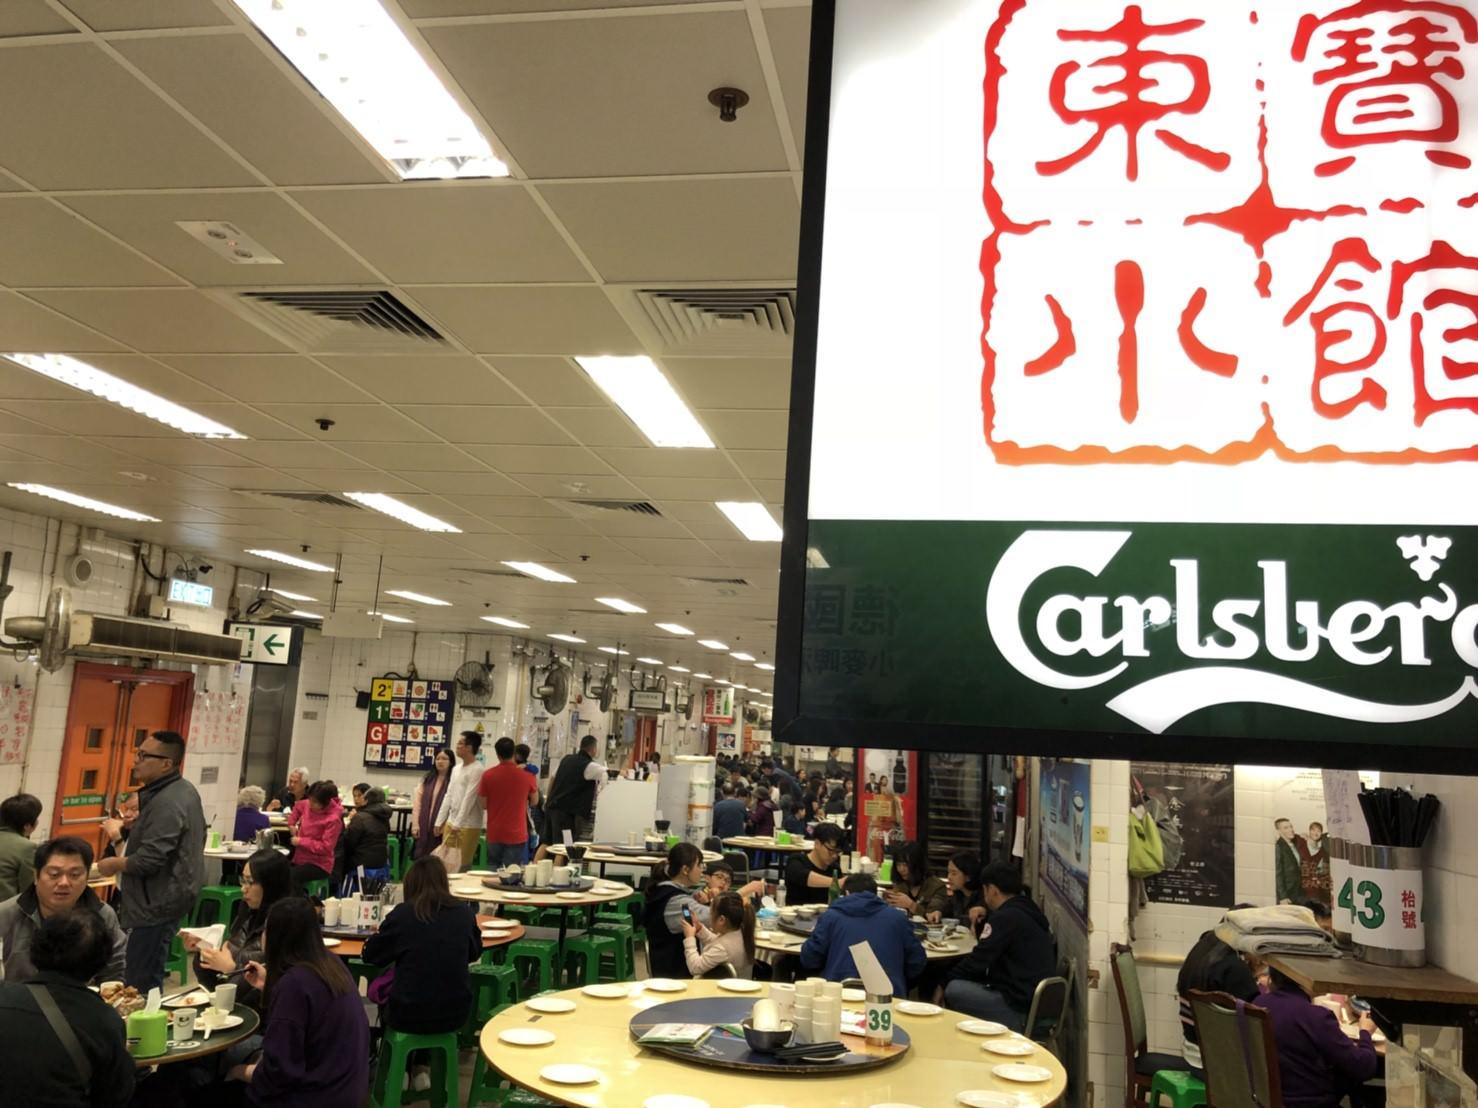 香港美食推薦 ❤️『東寶小館』在地人也愛的排隊人氣大排檔(≧∇≦)/